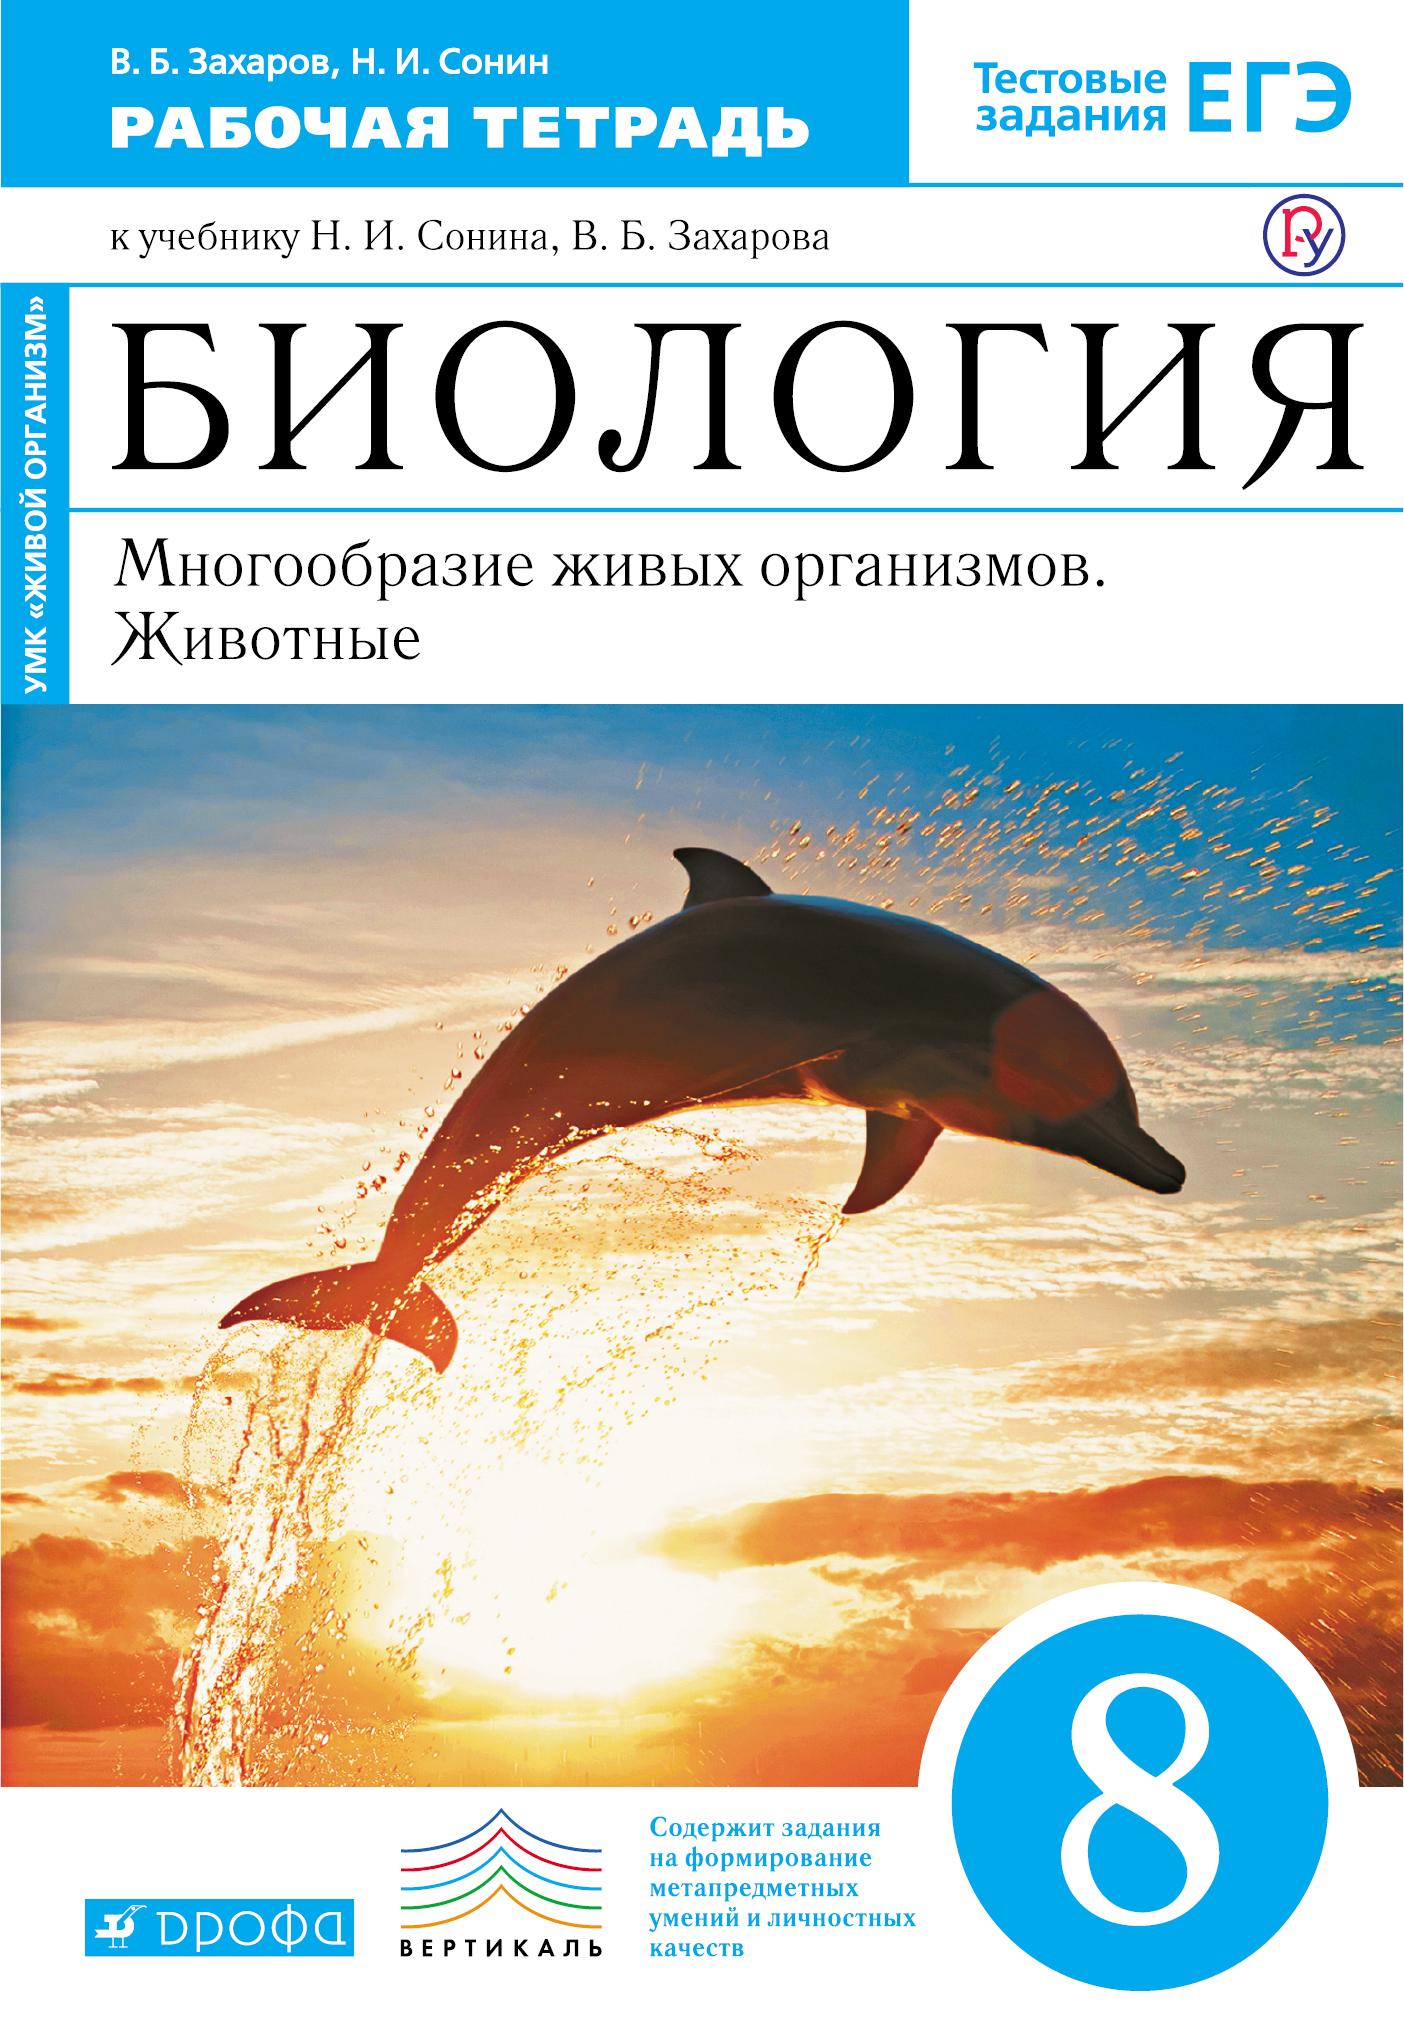 Биология. 8 класс. Многообразие живых организмов. Животные. Рабочая тетрадь.(Синий) ВЕРТИКАЛЬ